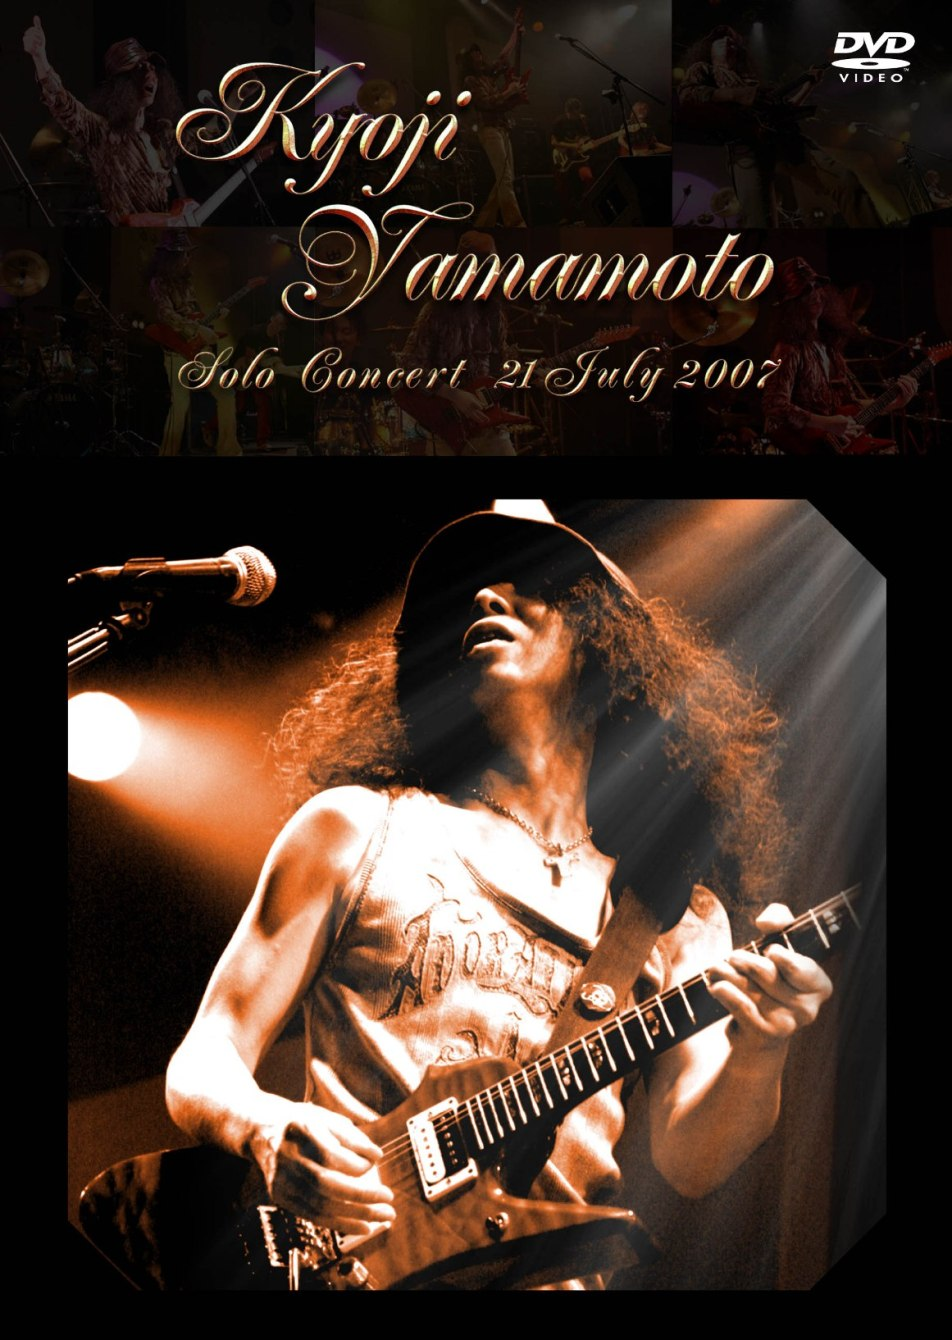 山本恭司ソロ・コンサート ~21 JULY 2007~